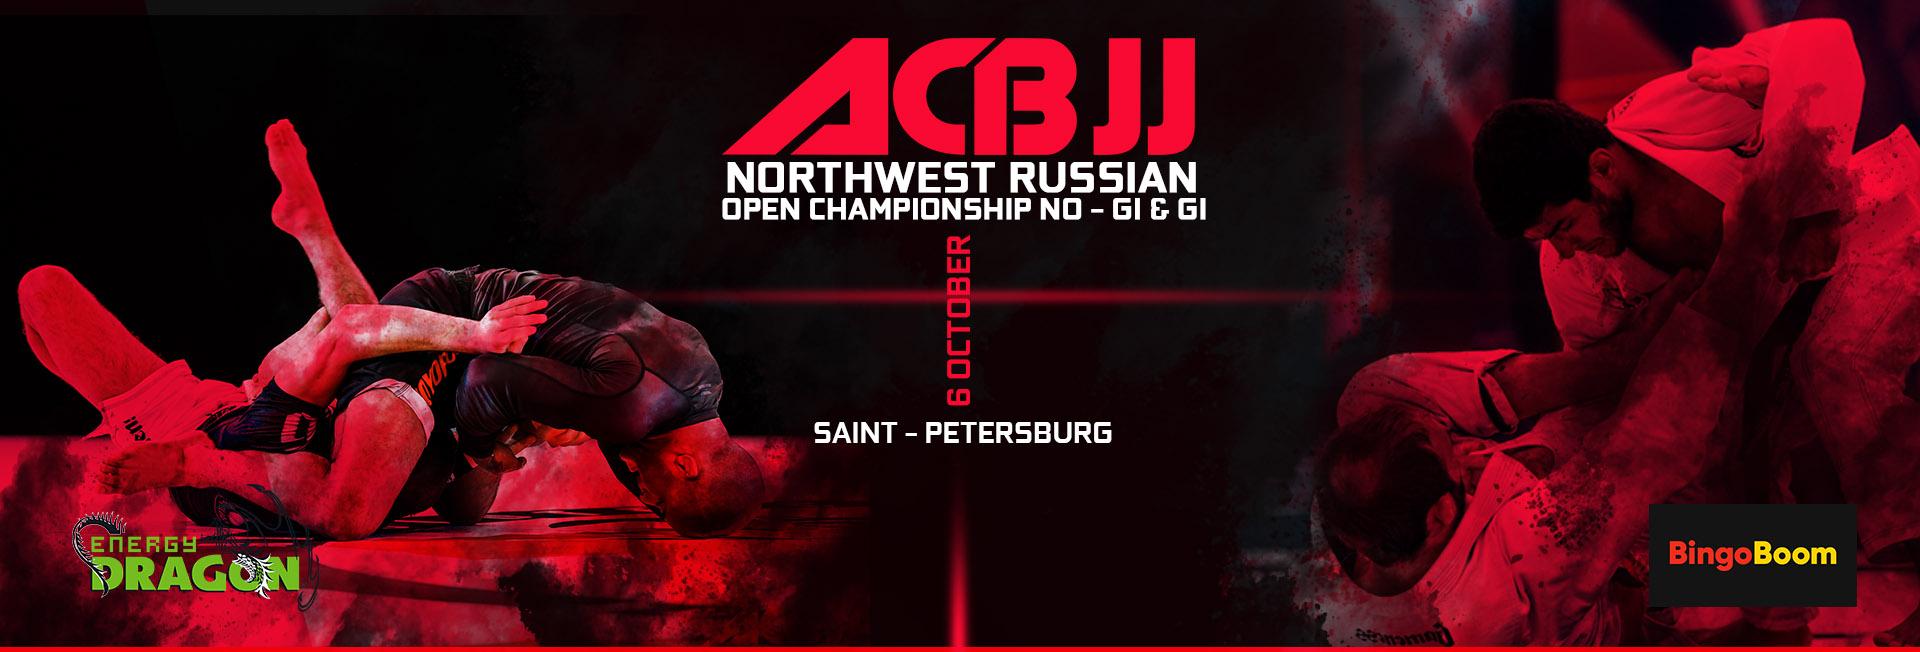 ACBJJ – Absolute Championship Berkut Jiu-Jitsu